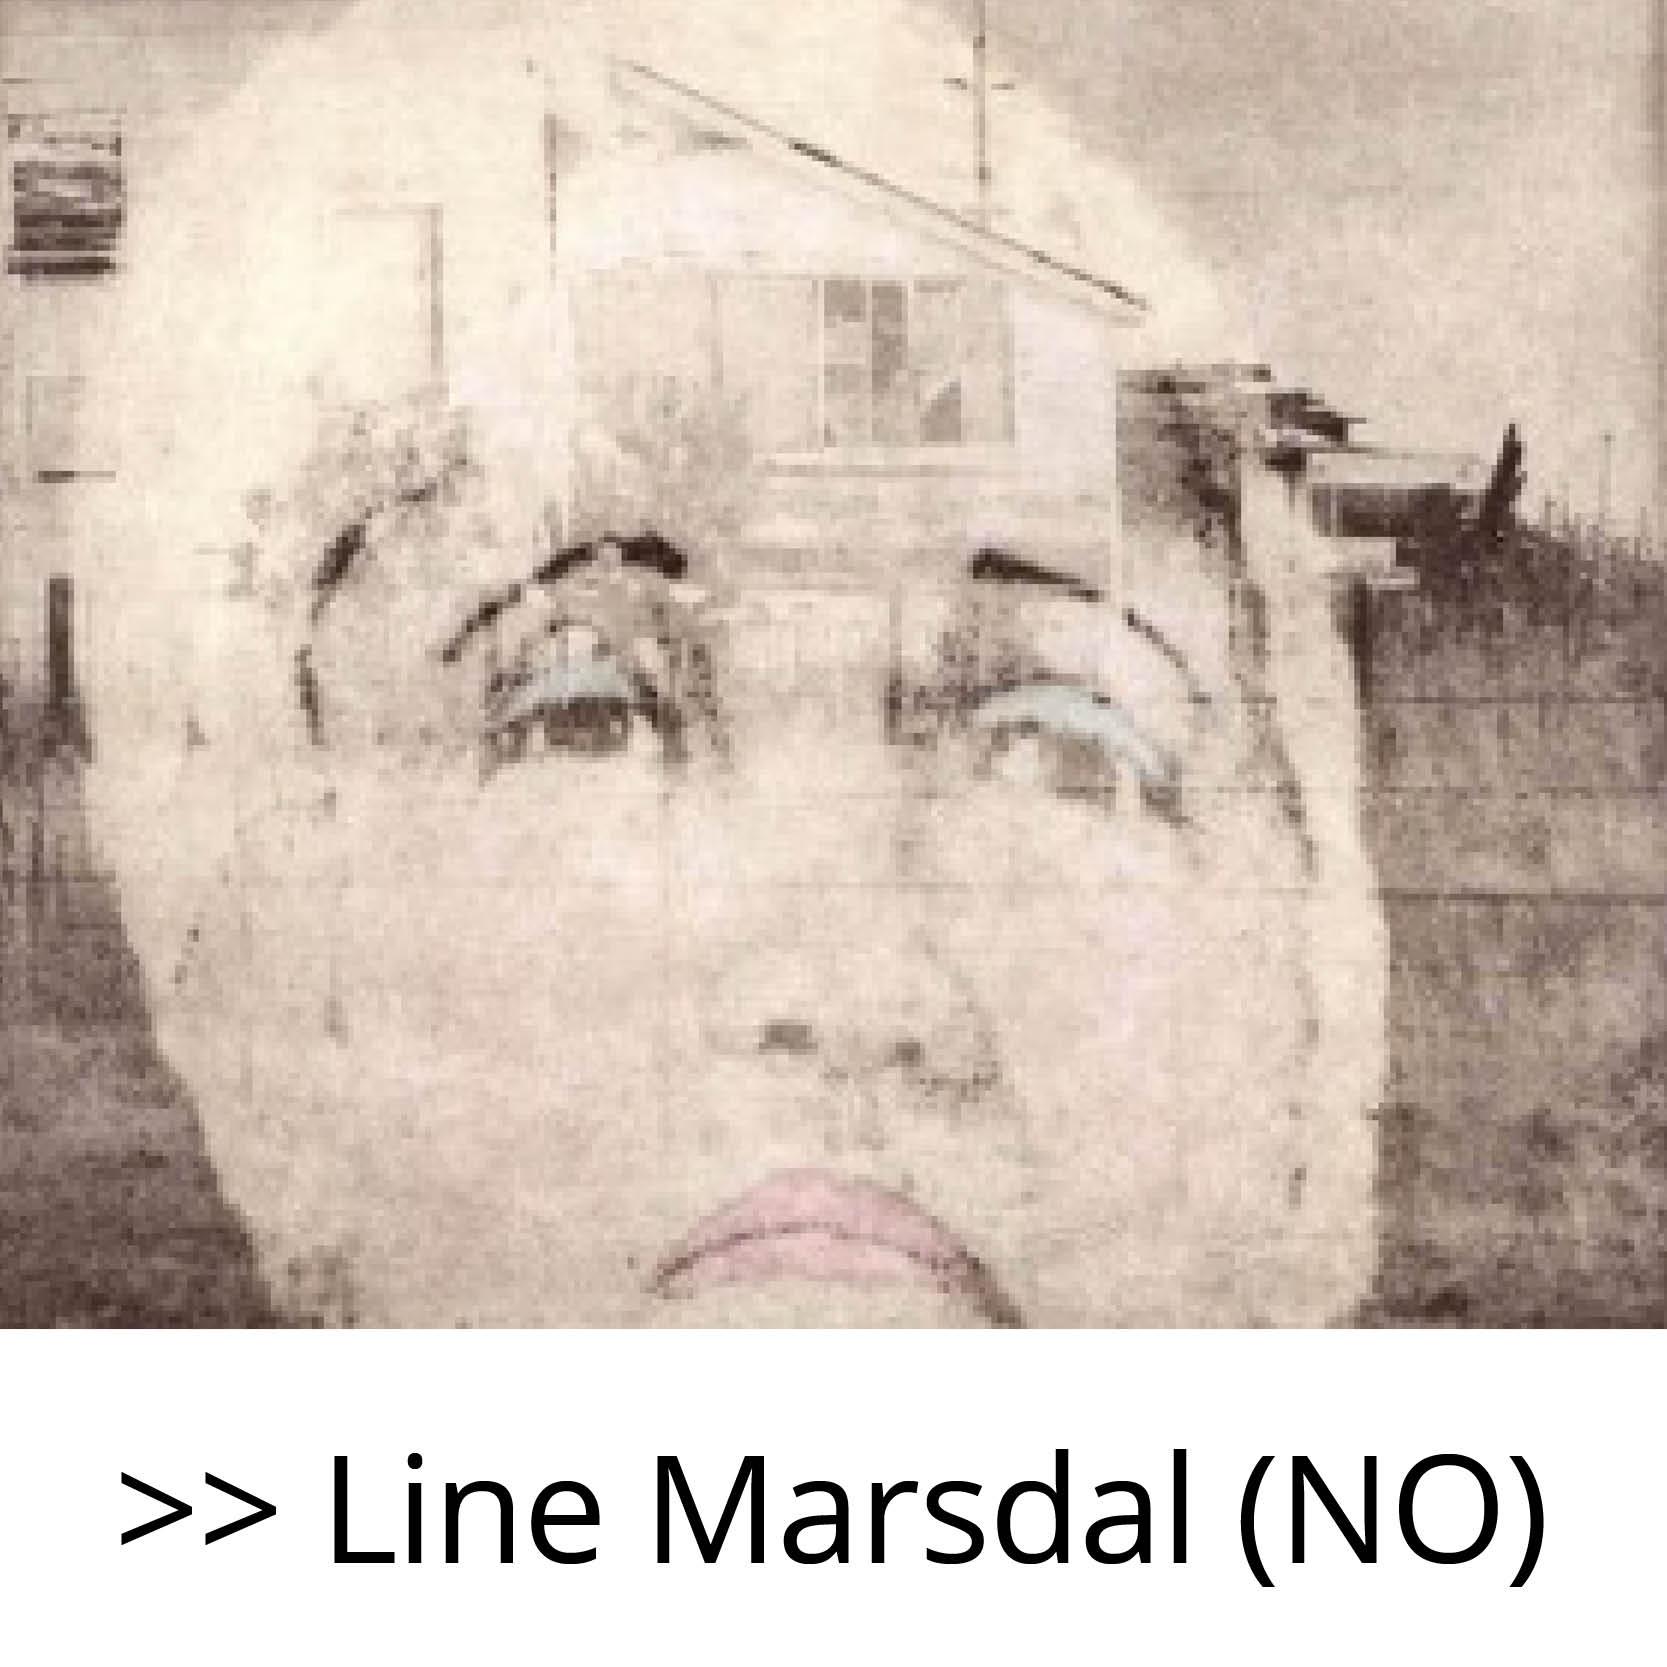 Line_Marsda_(NO)